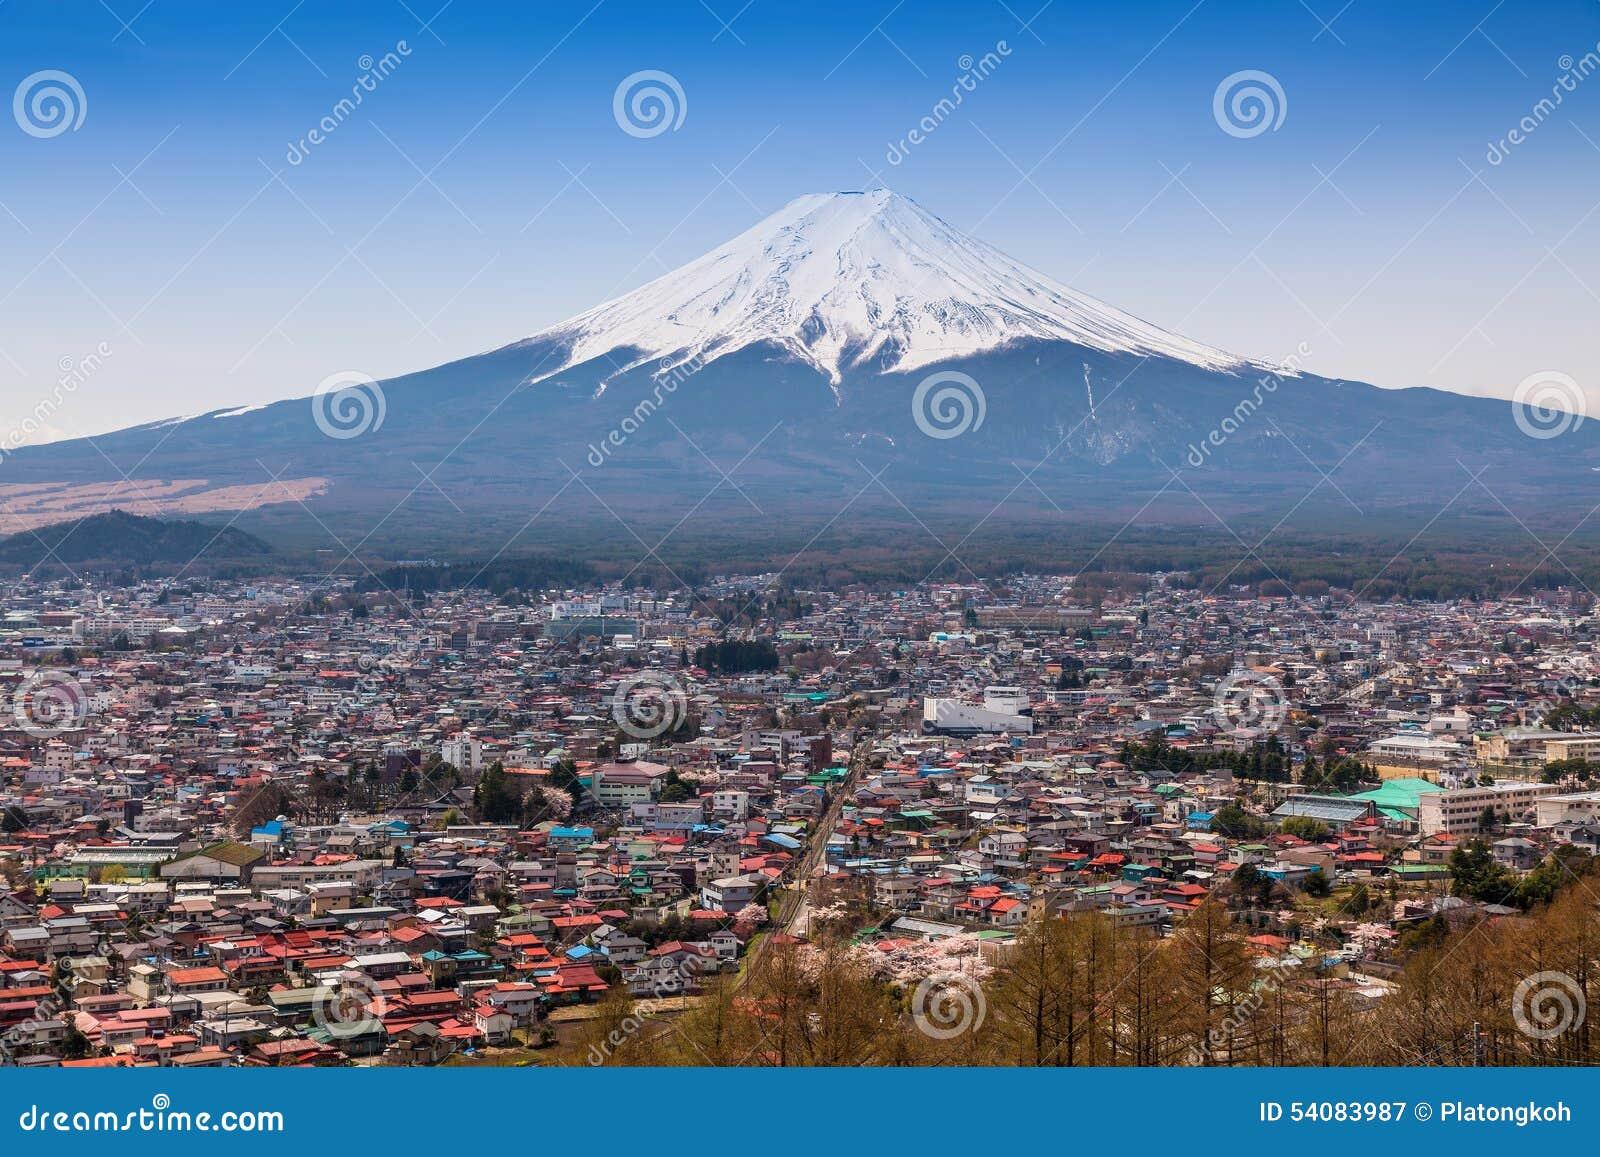 Lucht mening van MT Fuji, Fujiyoshida, Japan